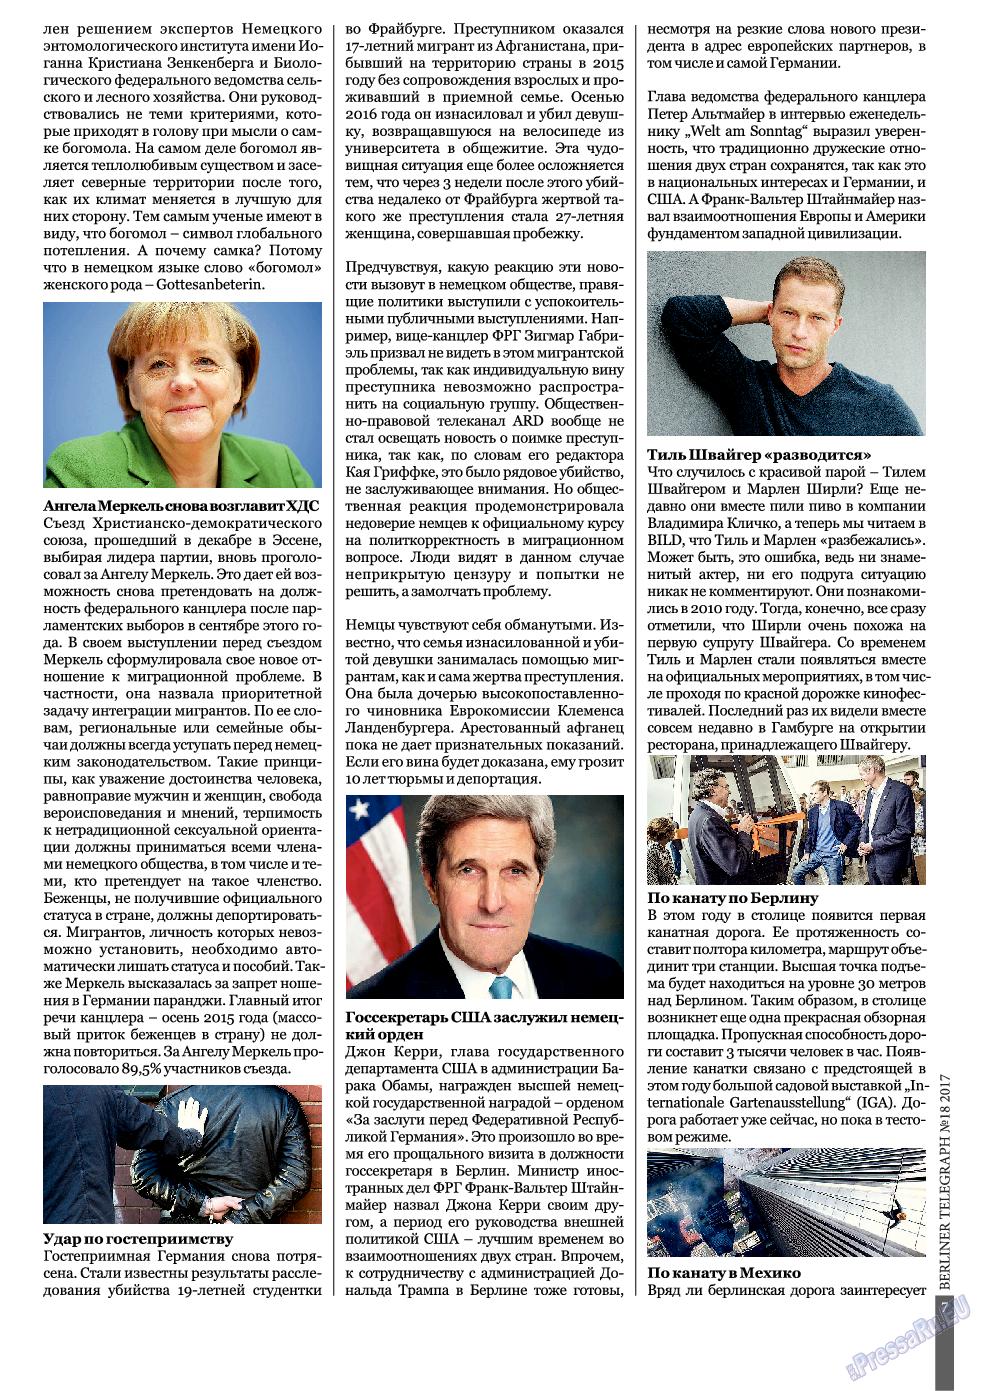 Берлинский телеграф (журнал). 2017 год, номер 18, стр. 7